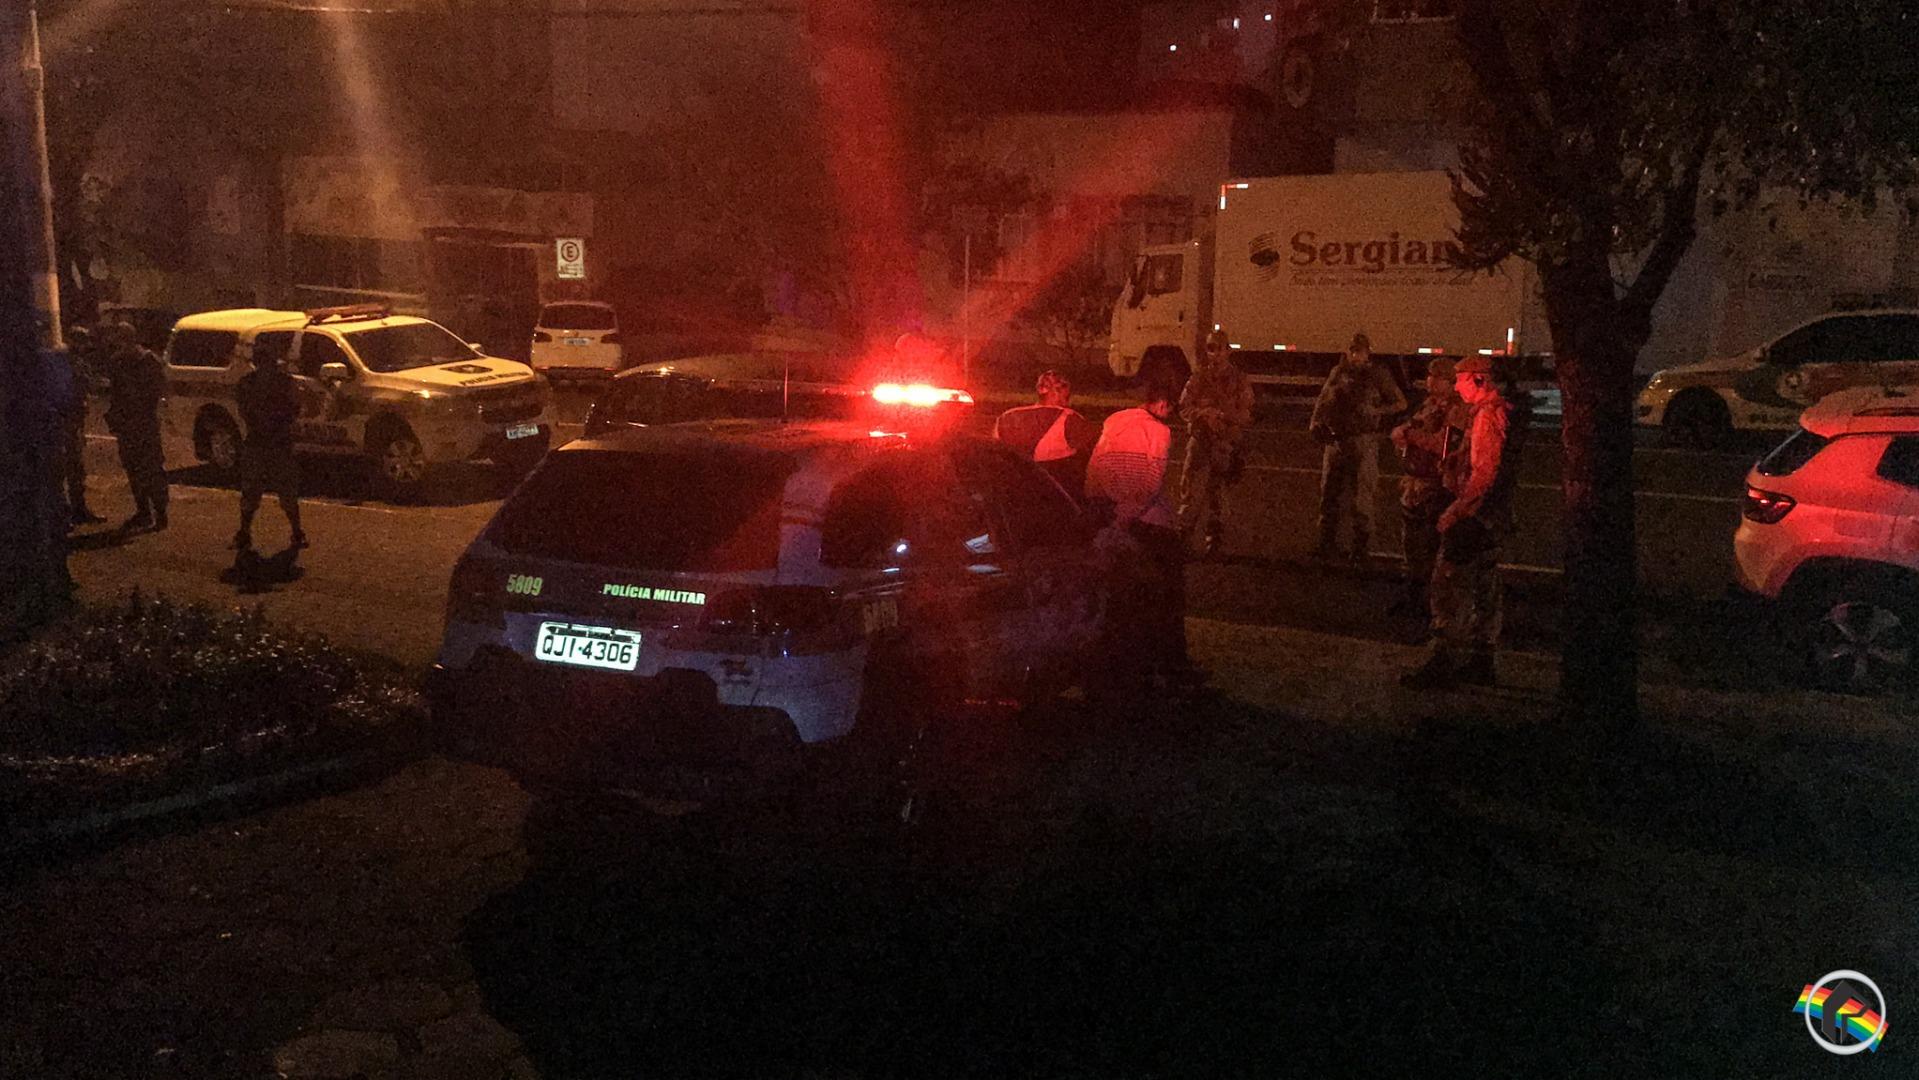 VÍDEO: Briga deixa homem gravemente ferido no centro